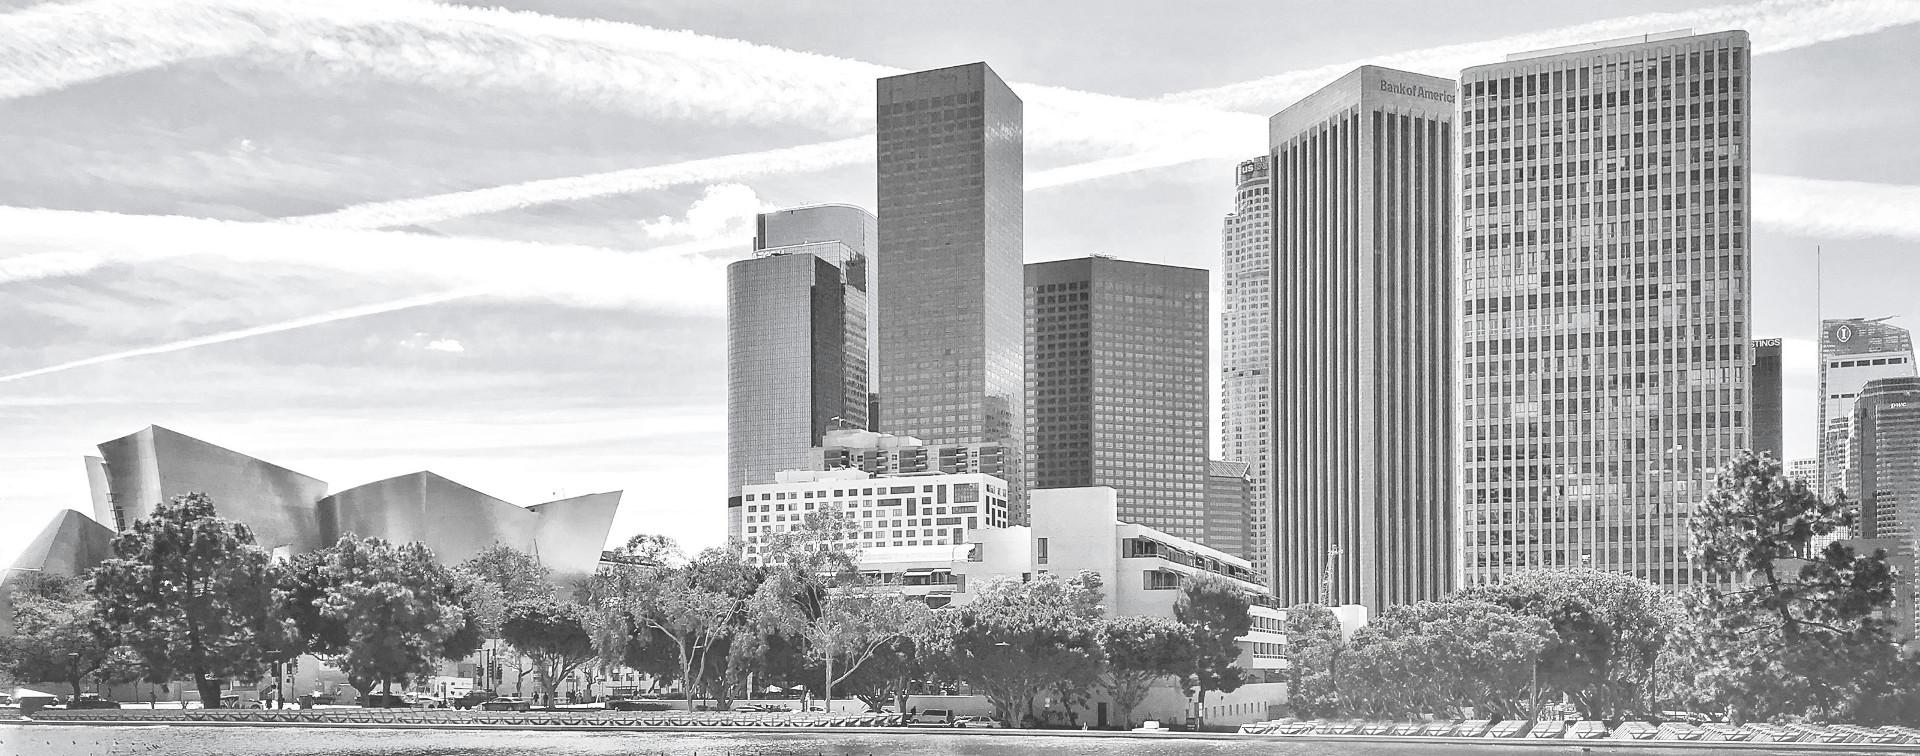 Progetti internazionali: Los Angeles